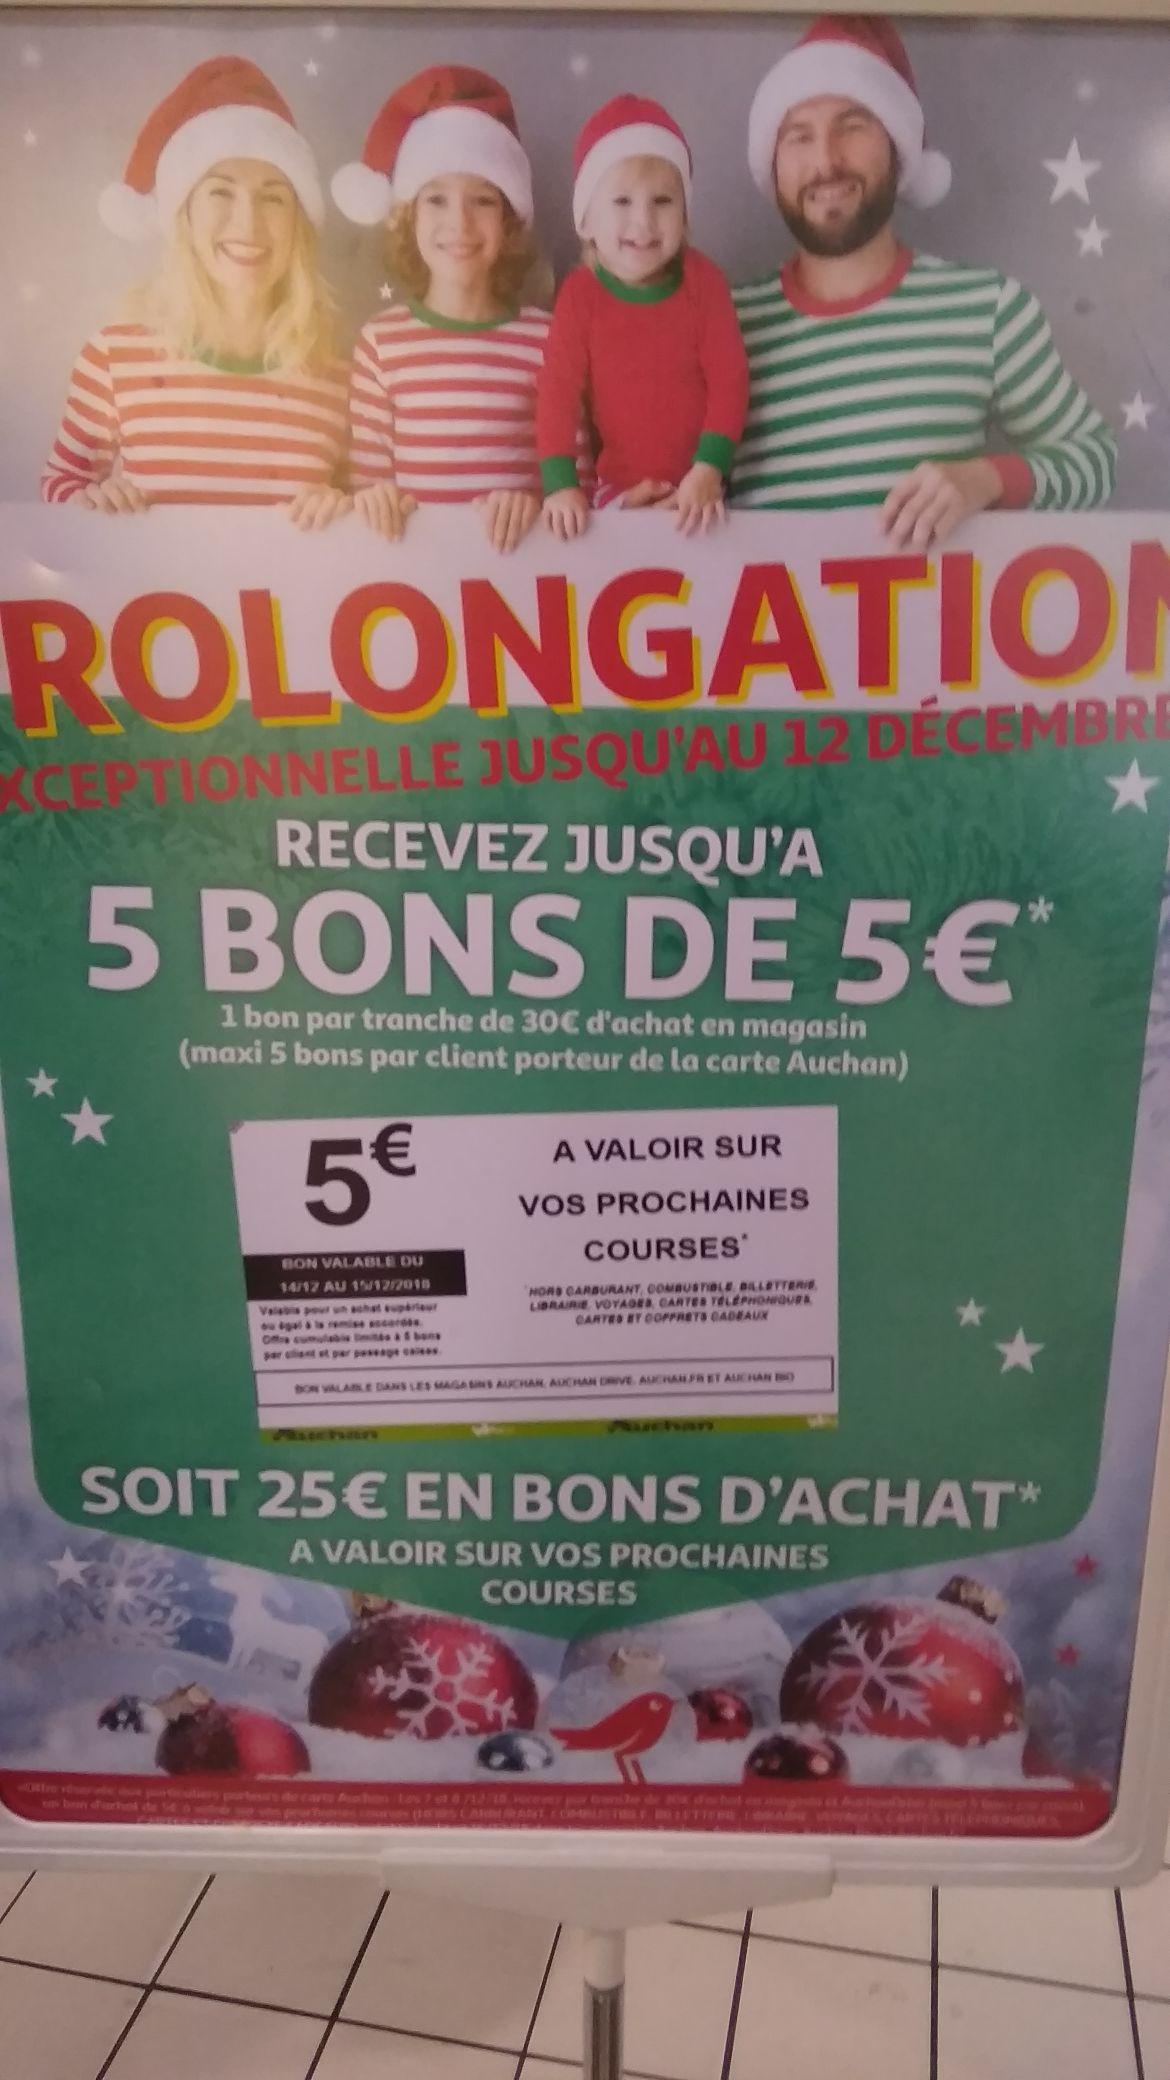 5€ en bon d'achat par tranche de 30€ d'achat (25€ max) - Bordeaux Meriadeck (33)